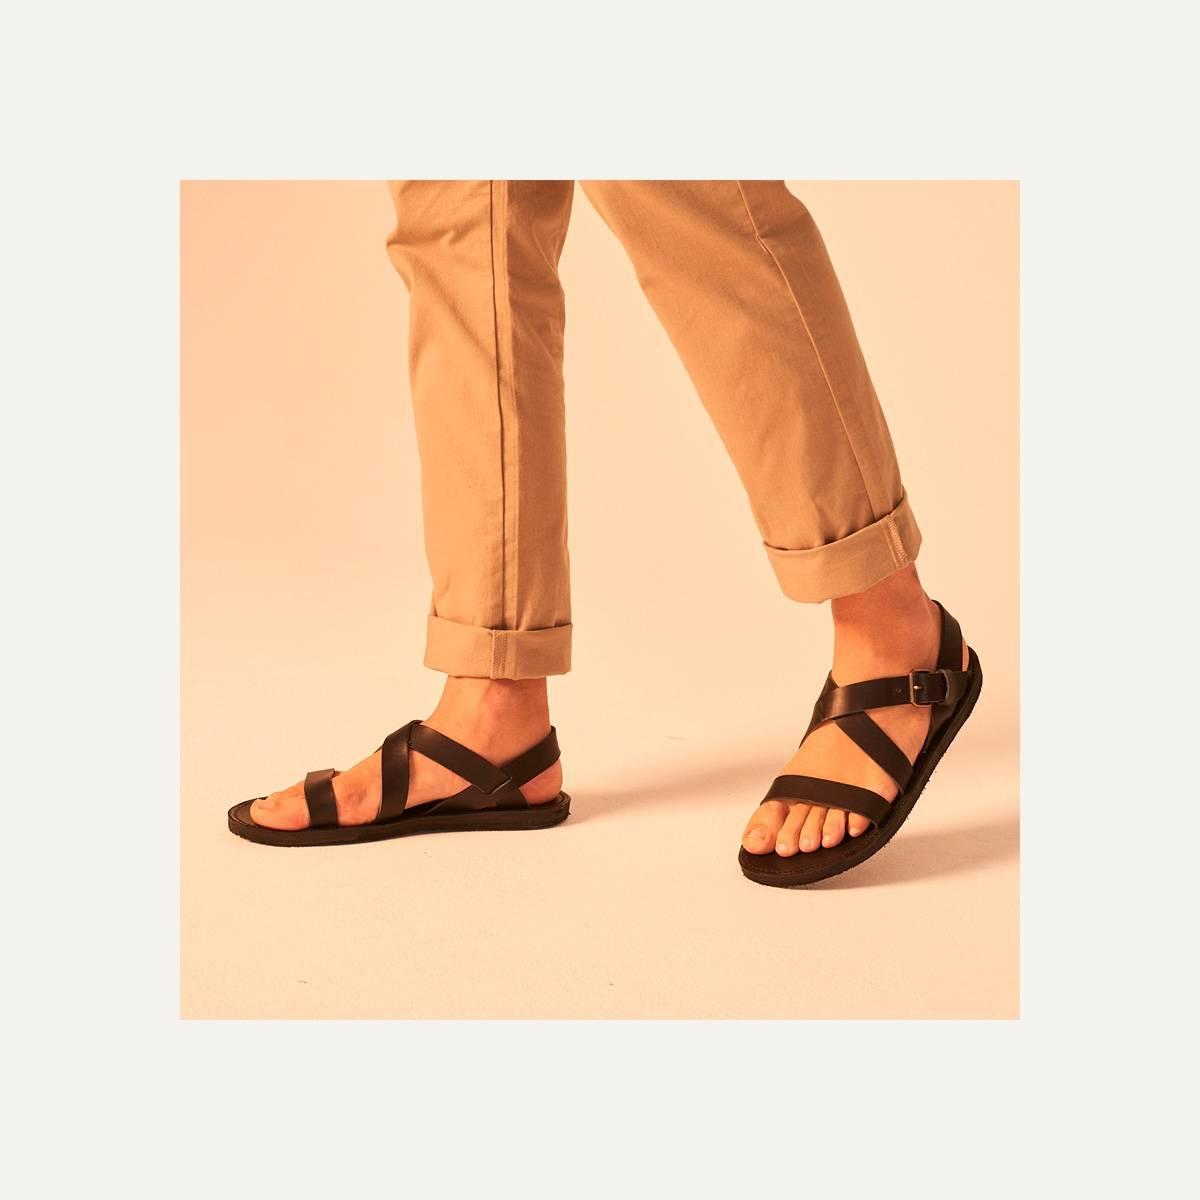 Iwate leather sandals - Black (image n°6)